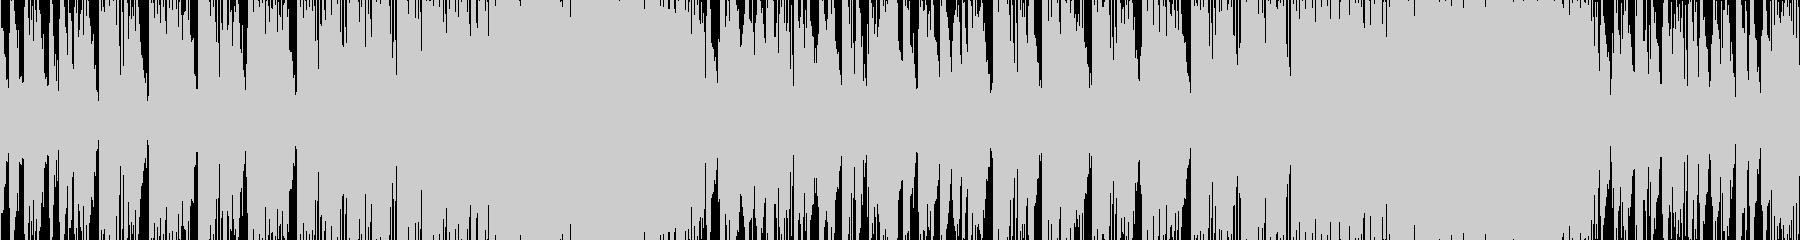 三味線、和太鼓、笛で江戸の激しさを表現の未再生の波形